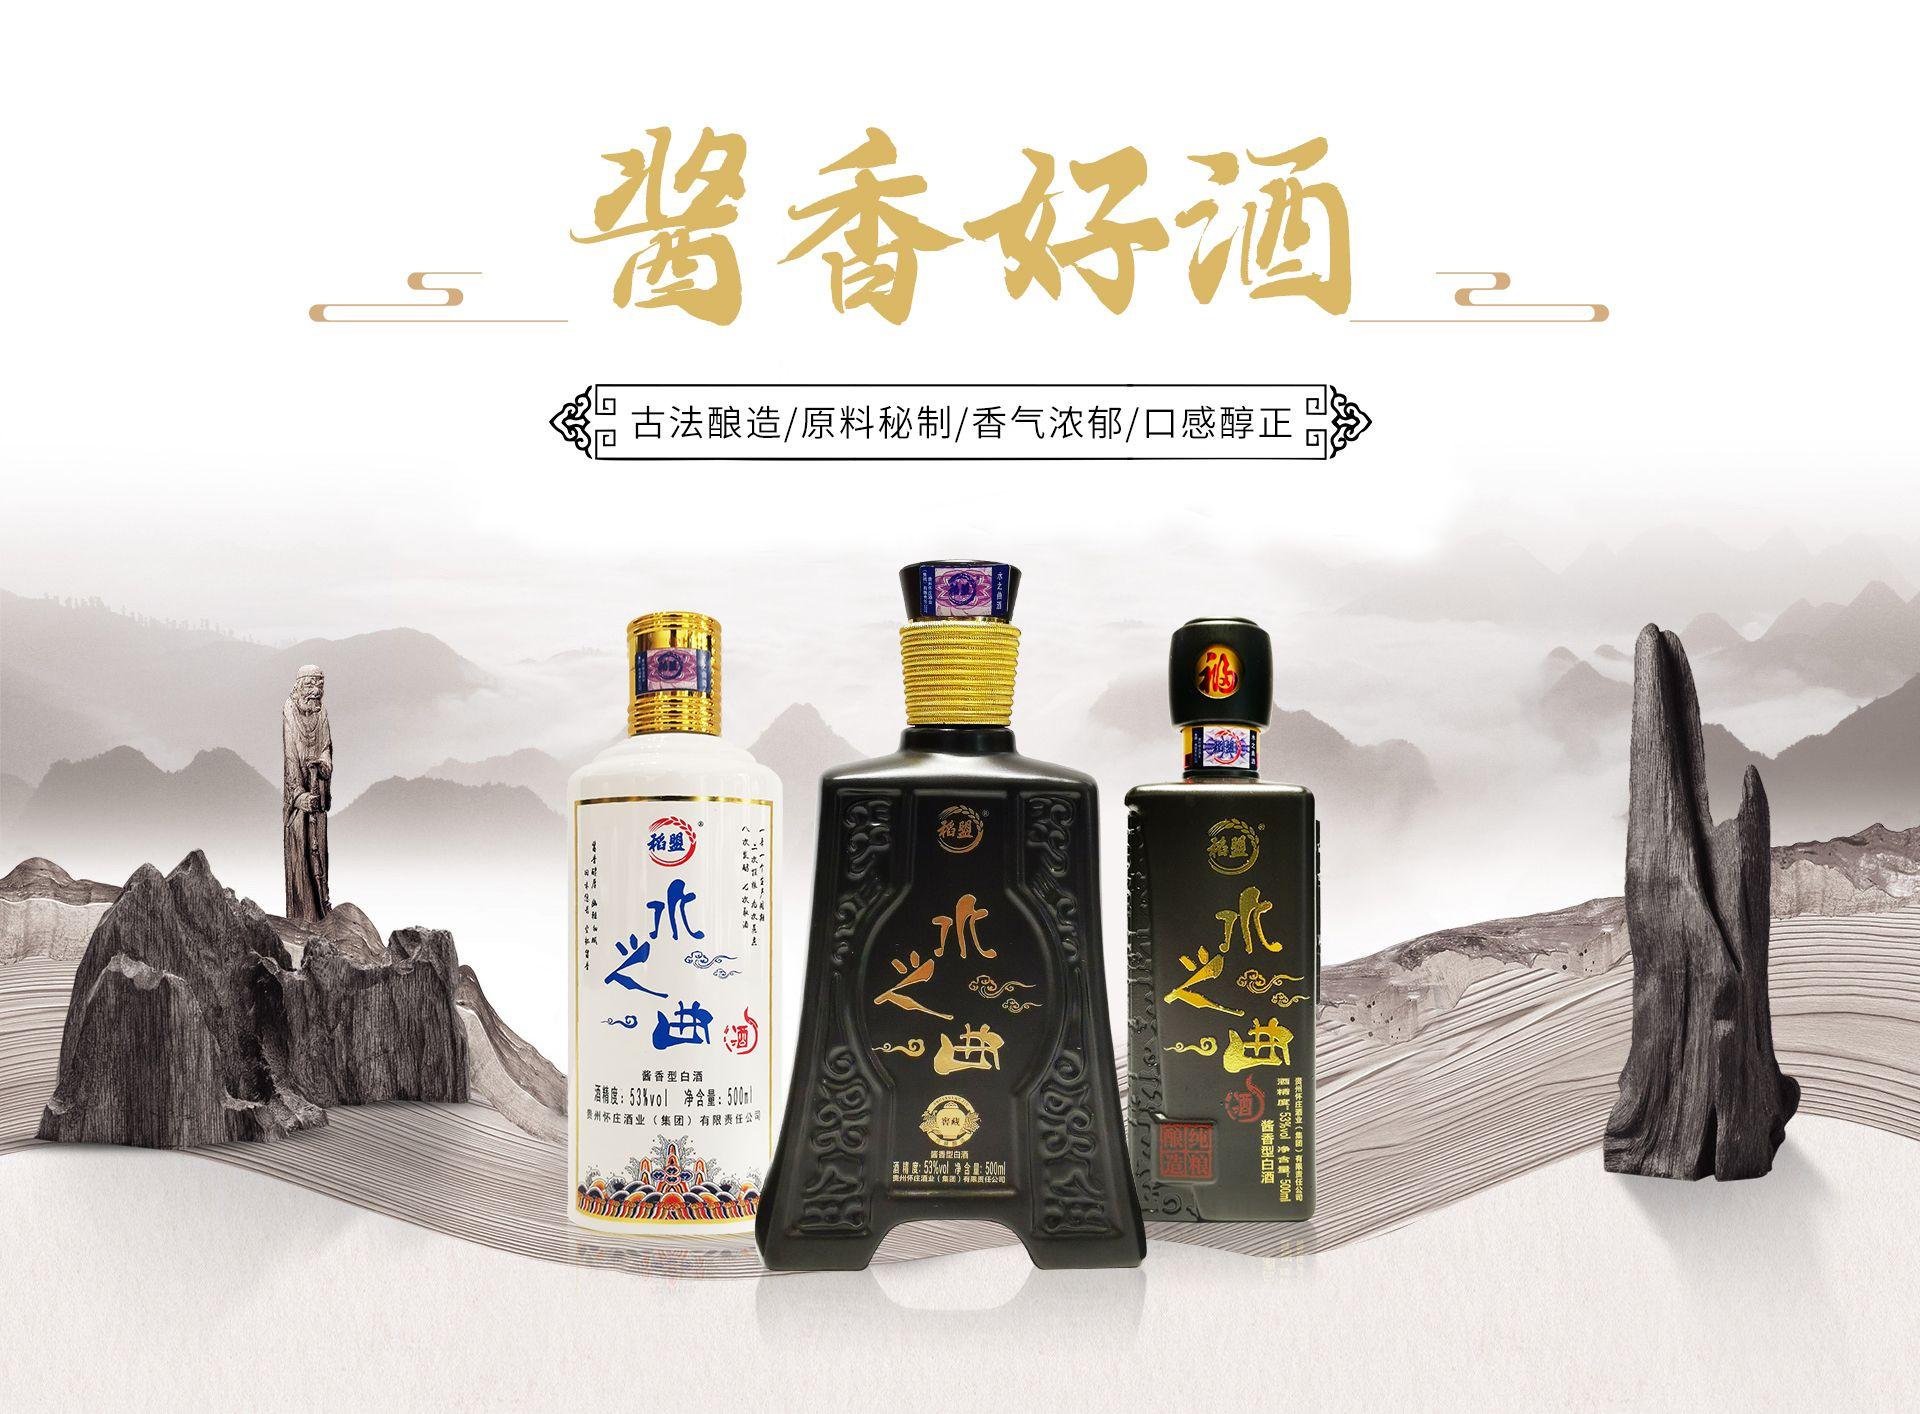 贵州水之曲源自茅台镇